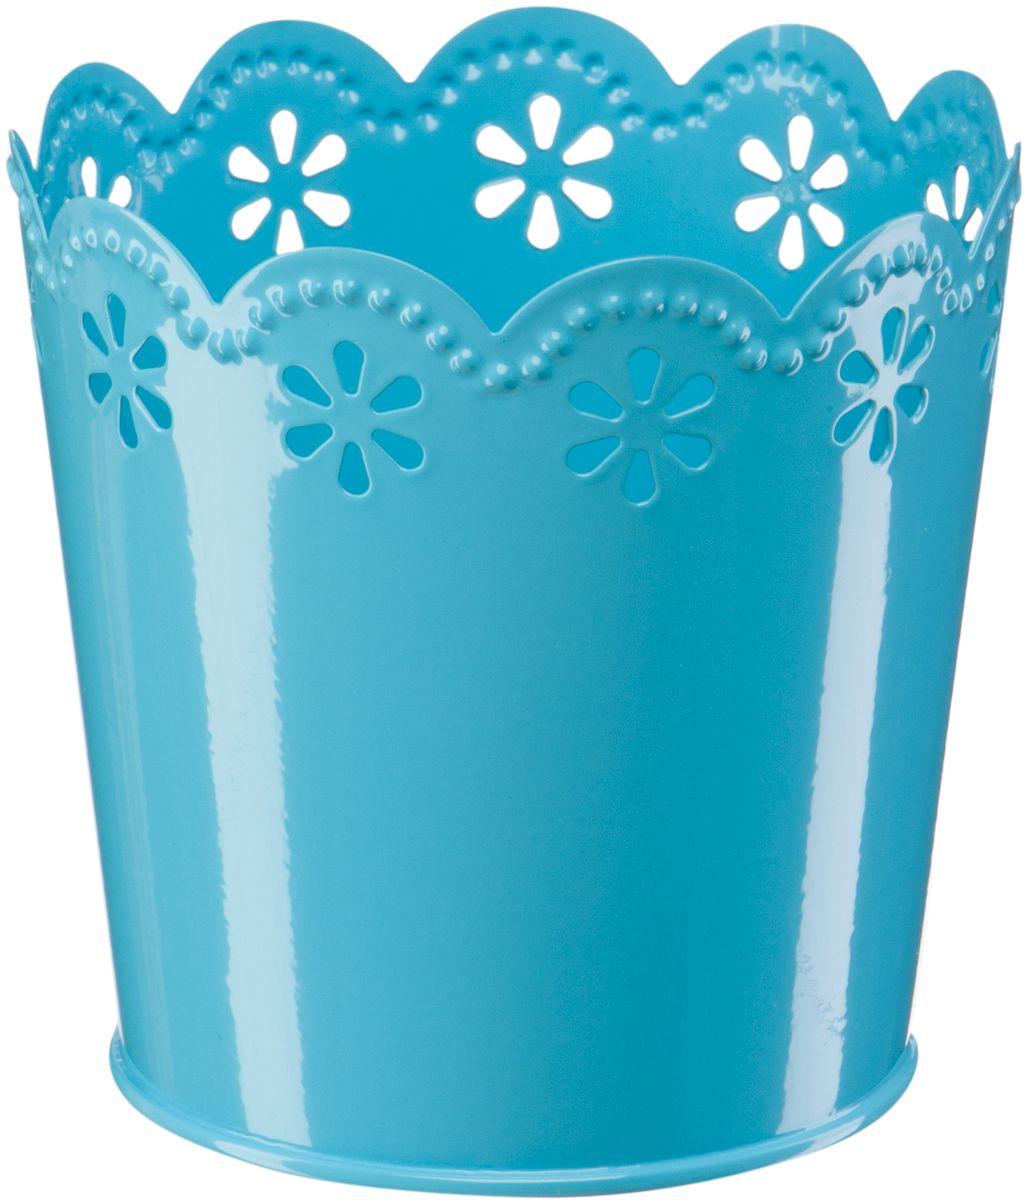 Кашпо Engard, цвет: синий, 12,5 х 10 х 13 смА065Кашпо Engard, предназначенное для посадки декоративных растений, станет прекрасным украшением для дома. Яркая расцветка привлекает к себе внимание и поднимает настроение. Материал изготовления - металл.